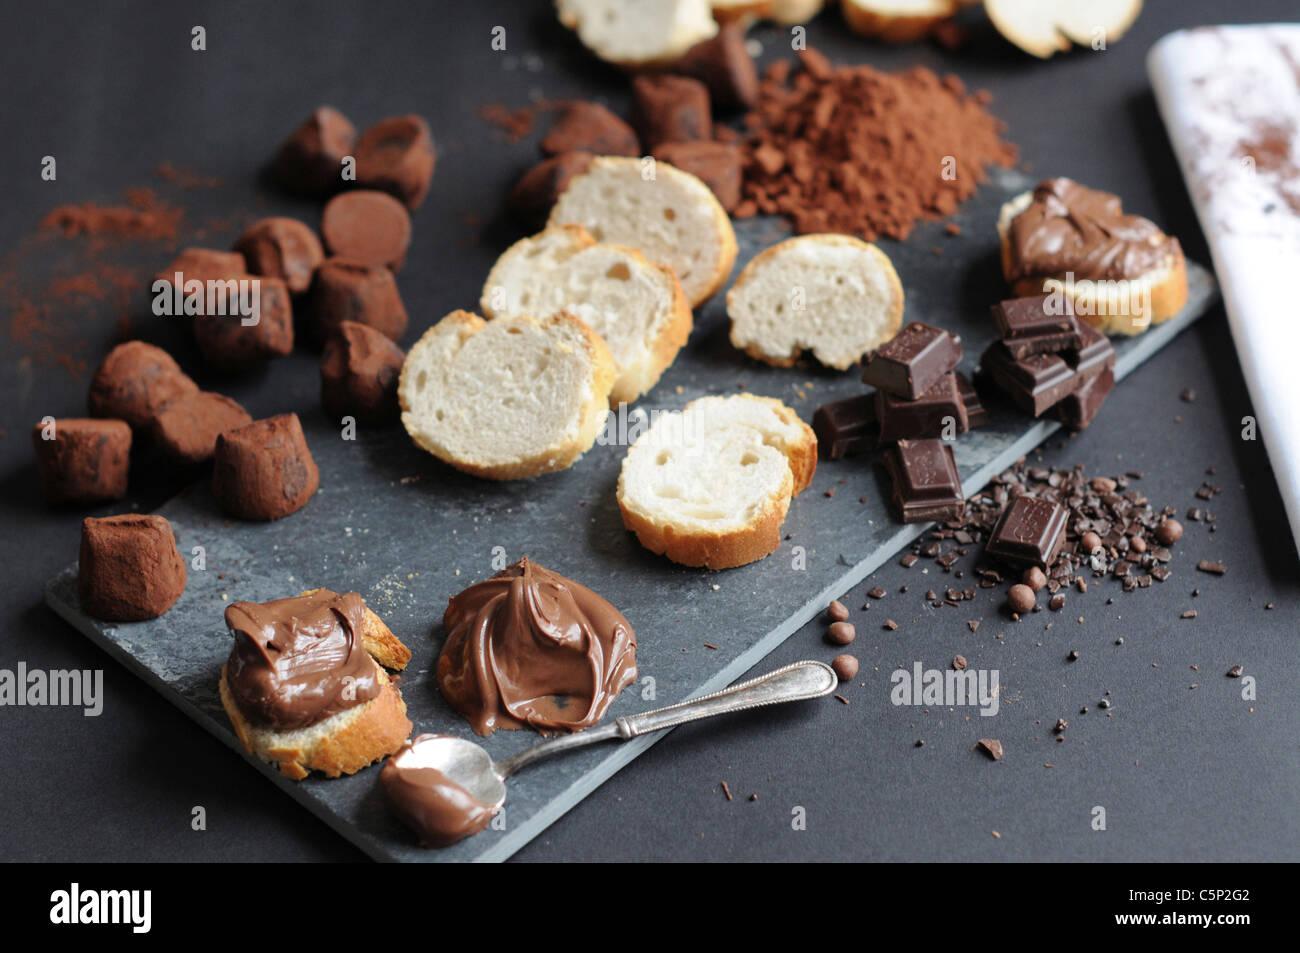 Scheiben Baguette mit Schokoladencreme, Schokoladenstückchen und Trüffeln, Cokoa Pulver Stockbild